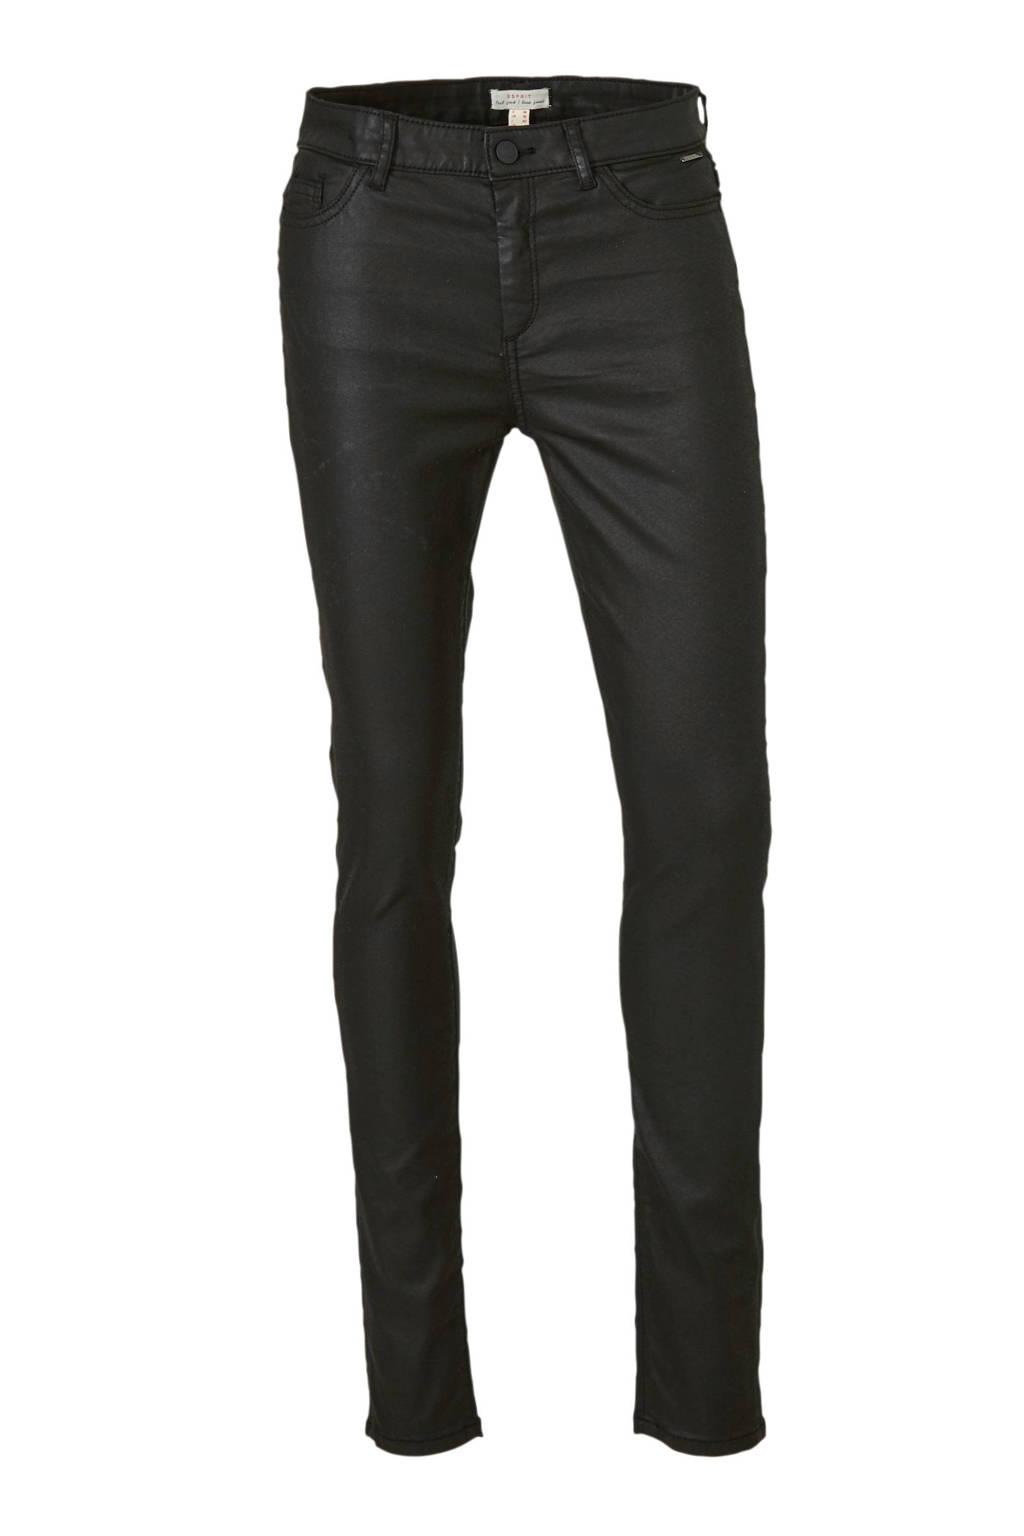 ESPRIT Women Casual coated skinny broek zwart, Zwart